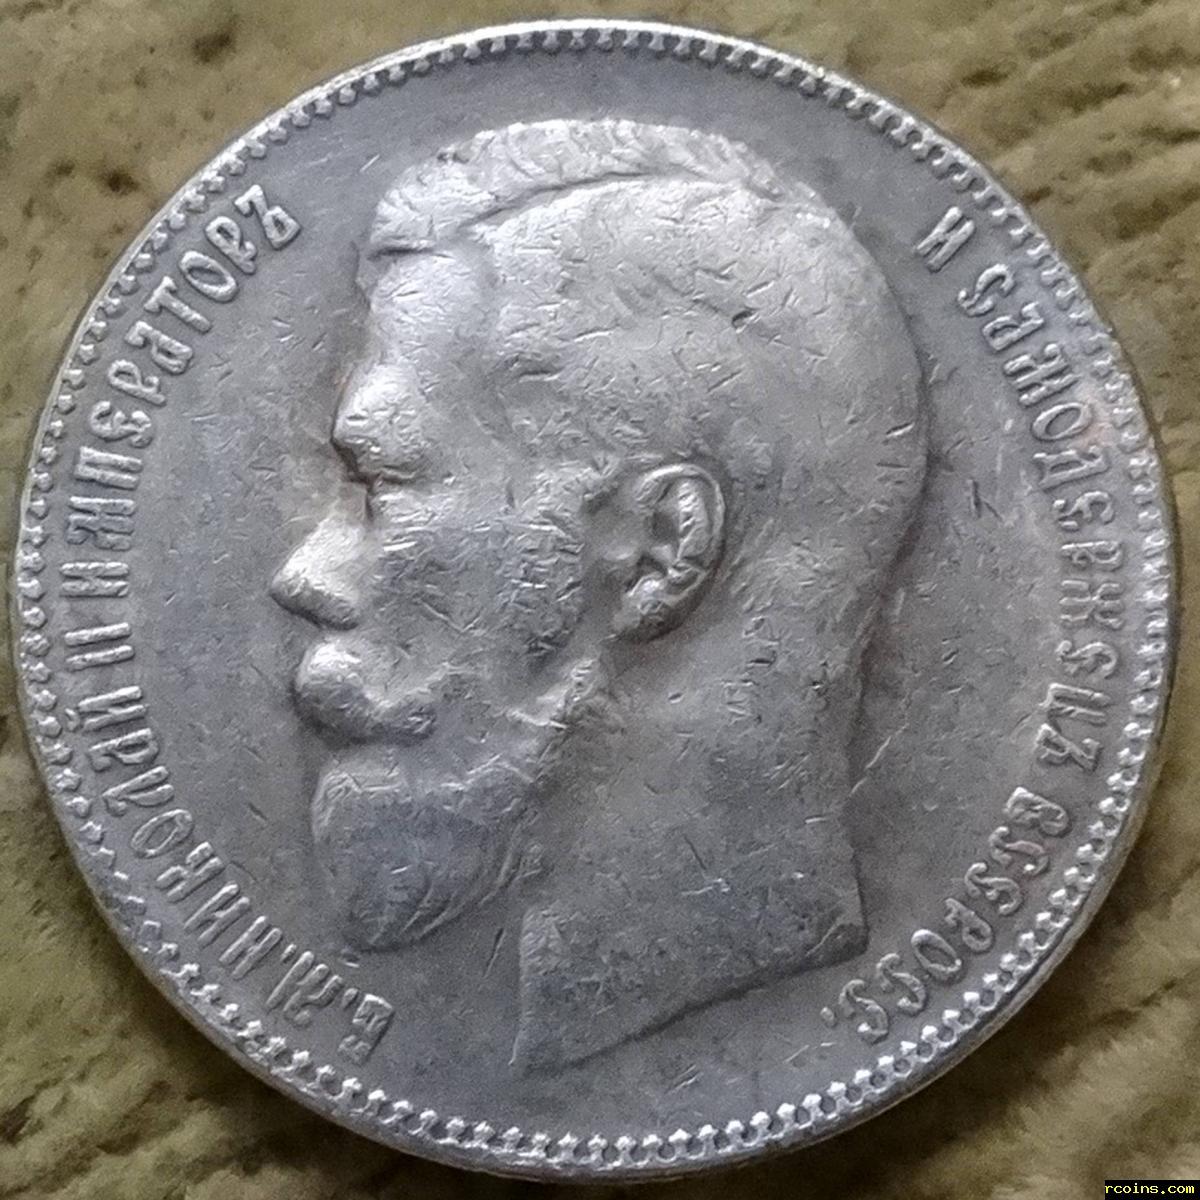 Сколько стоит царский рубль фото дороги мне